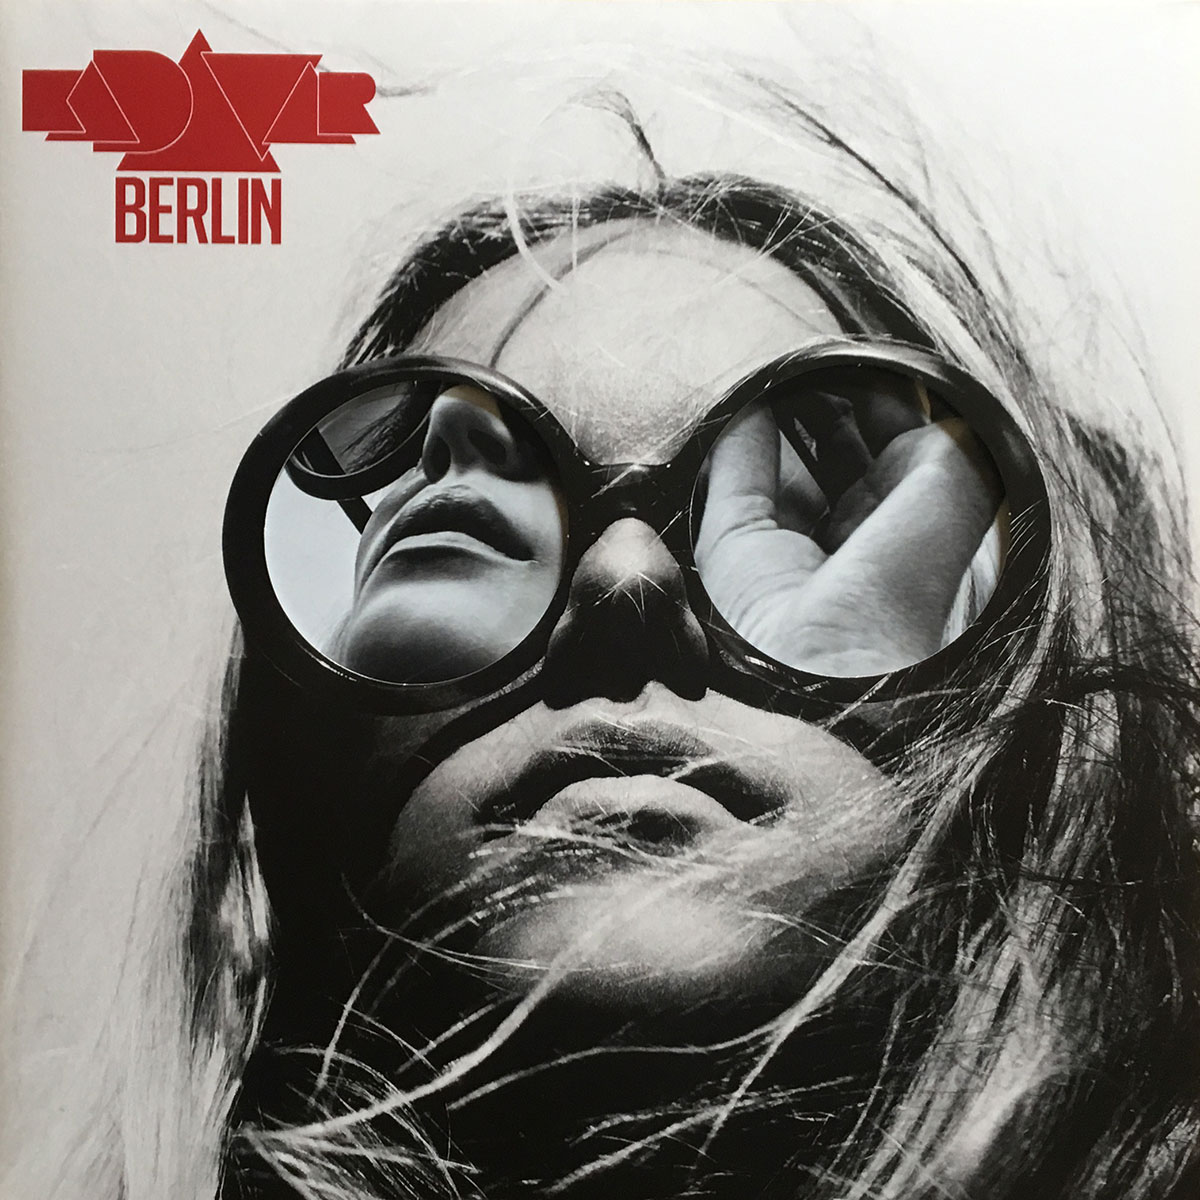 Kadavar - Berlin - 2